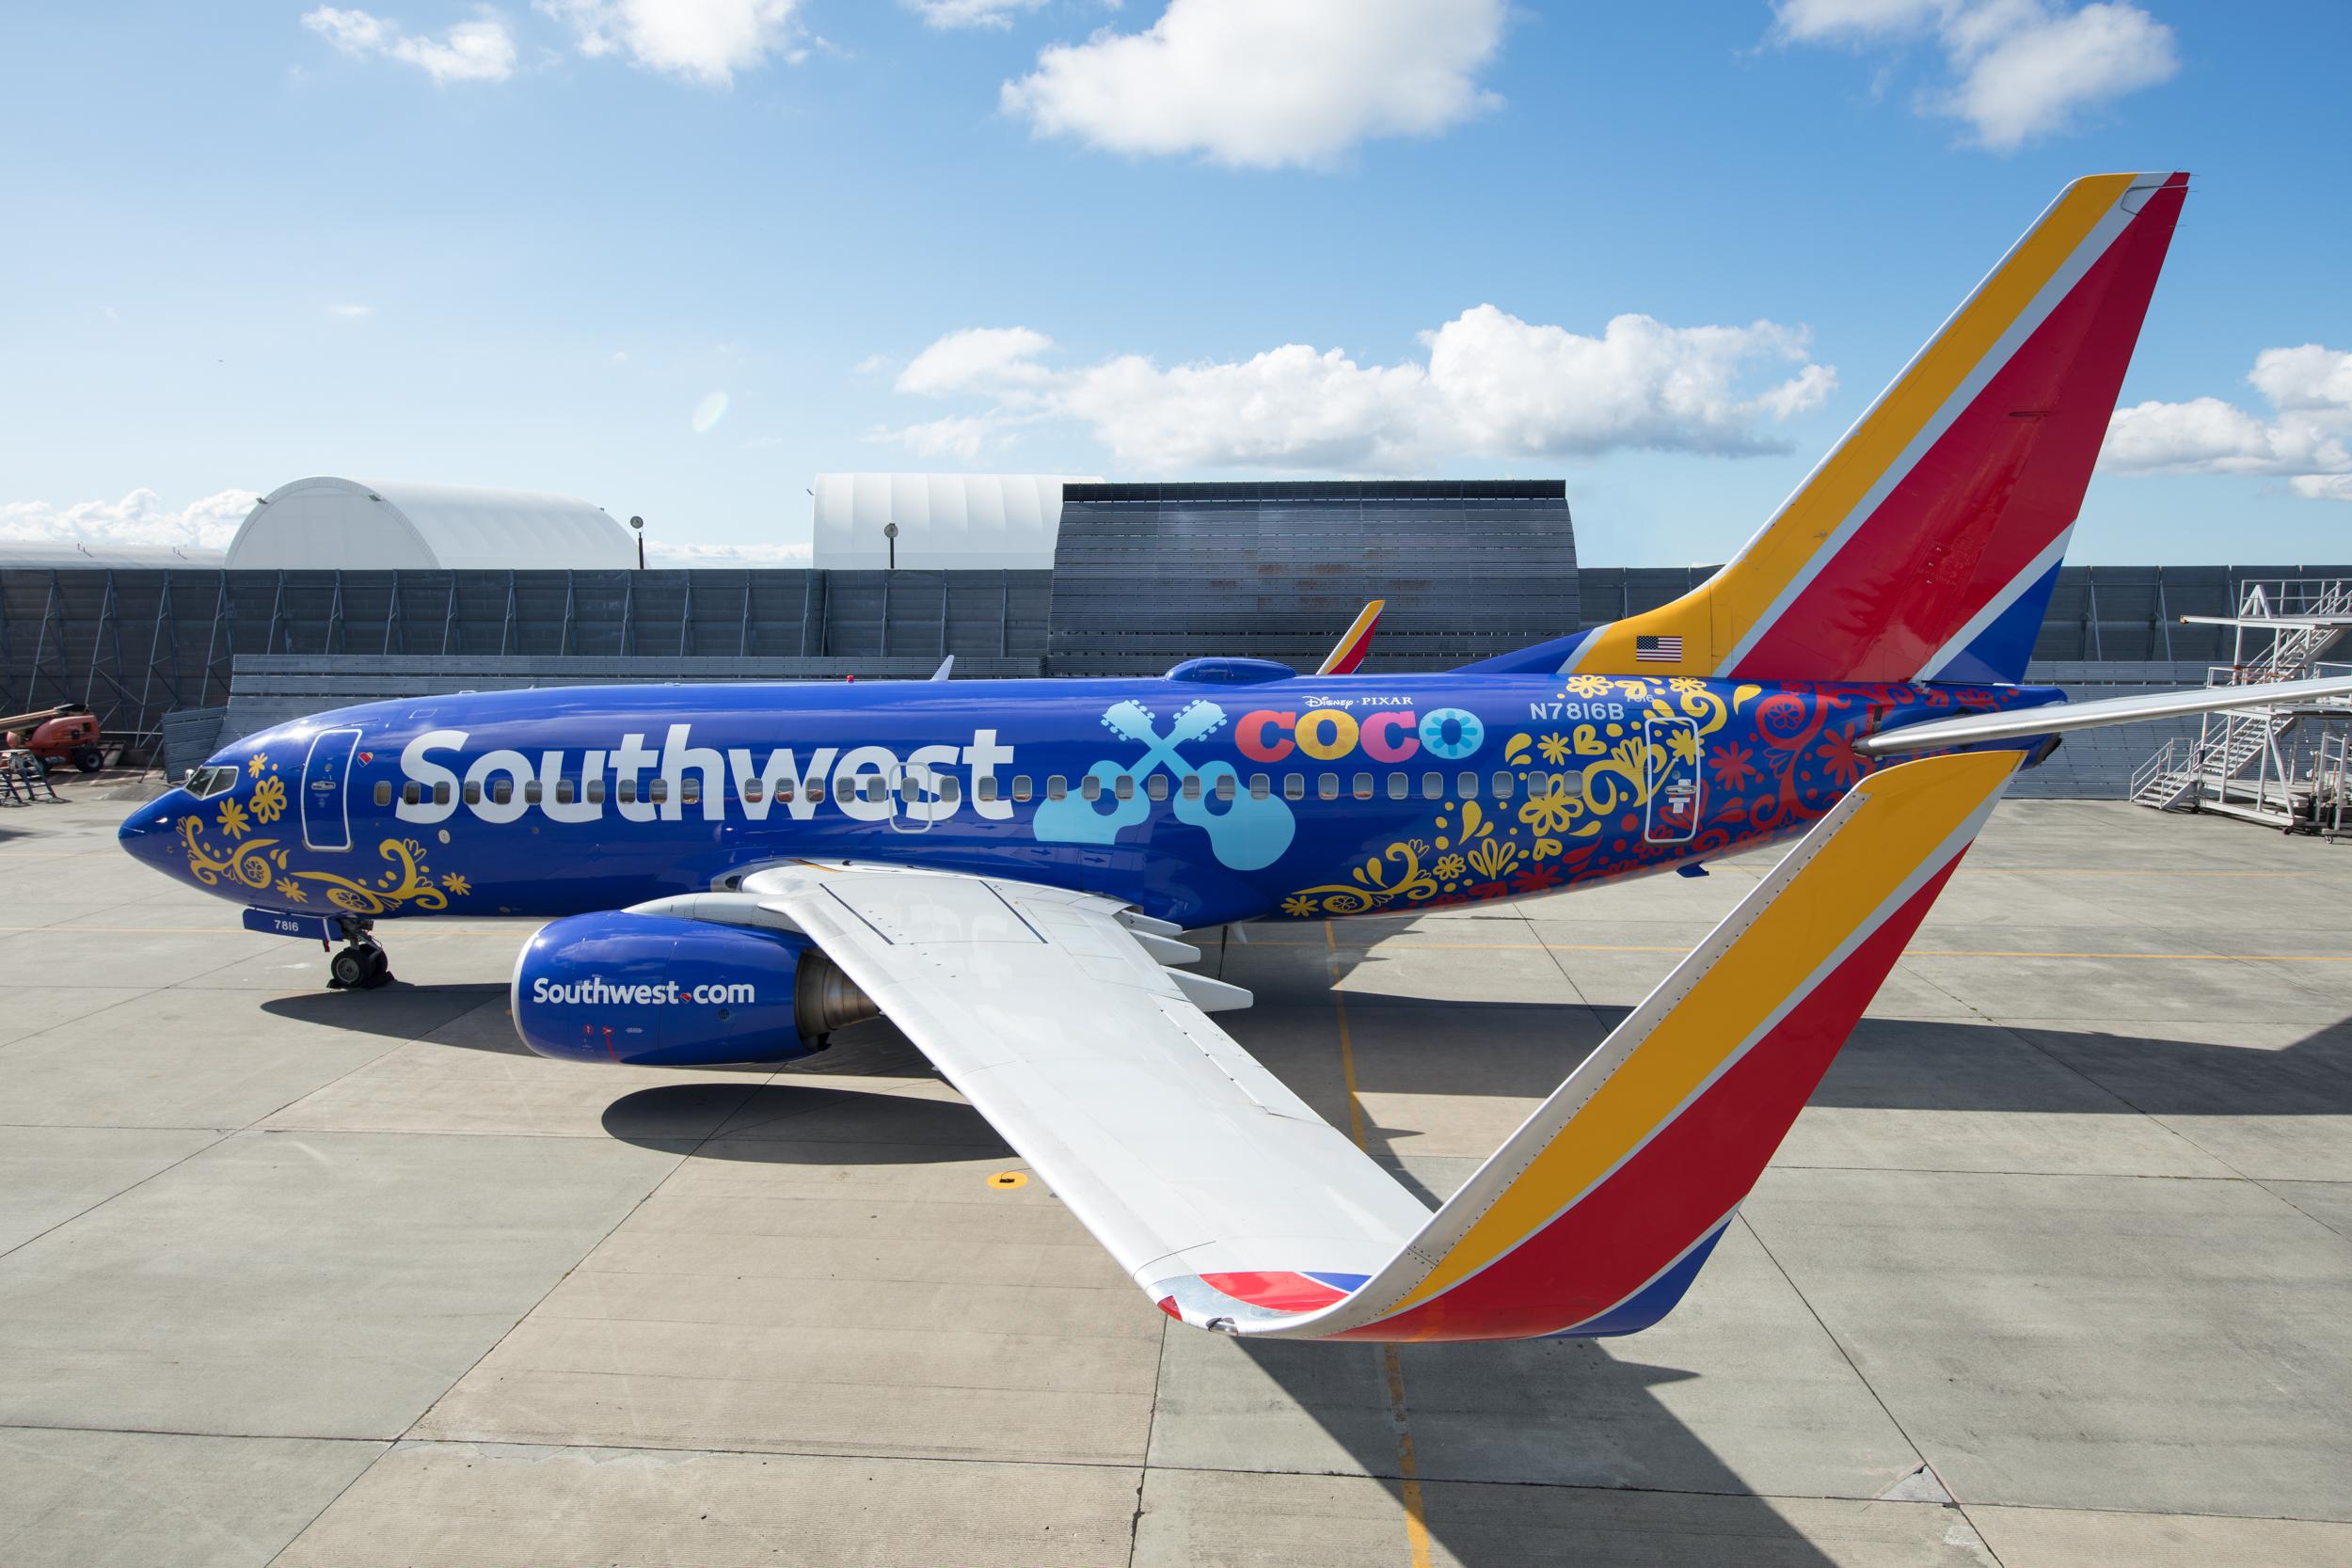 Southwest Airlines er verdens største operatør af Boeing B737, som selskabet har over 700 af. Her en lidt særmalet version, inspireret af Disney Pixar-filmen Coco. Pressefoto fra Southwest Airlines, Stephen M. Keller.